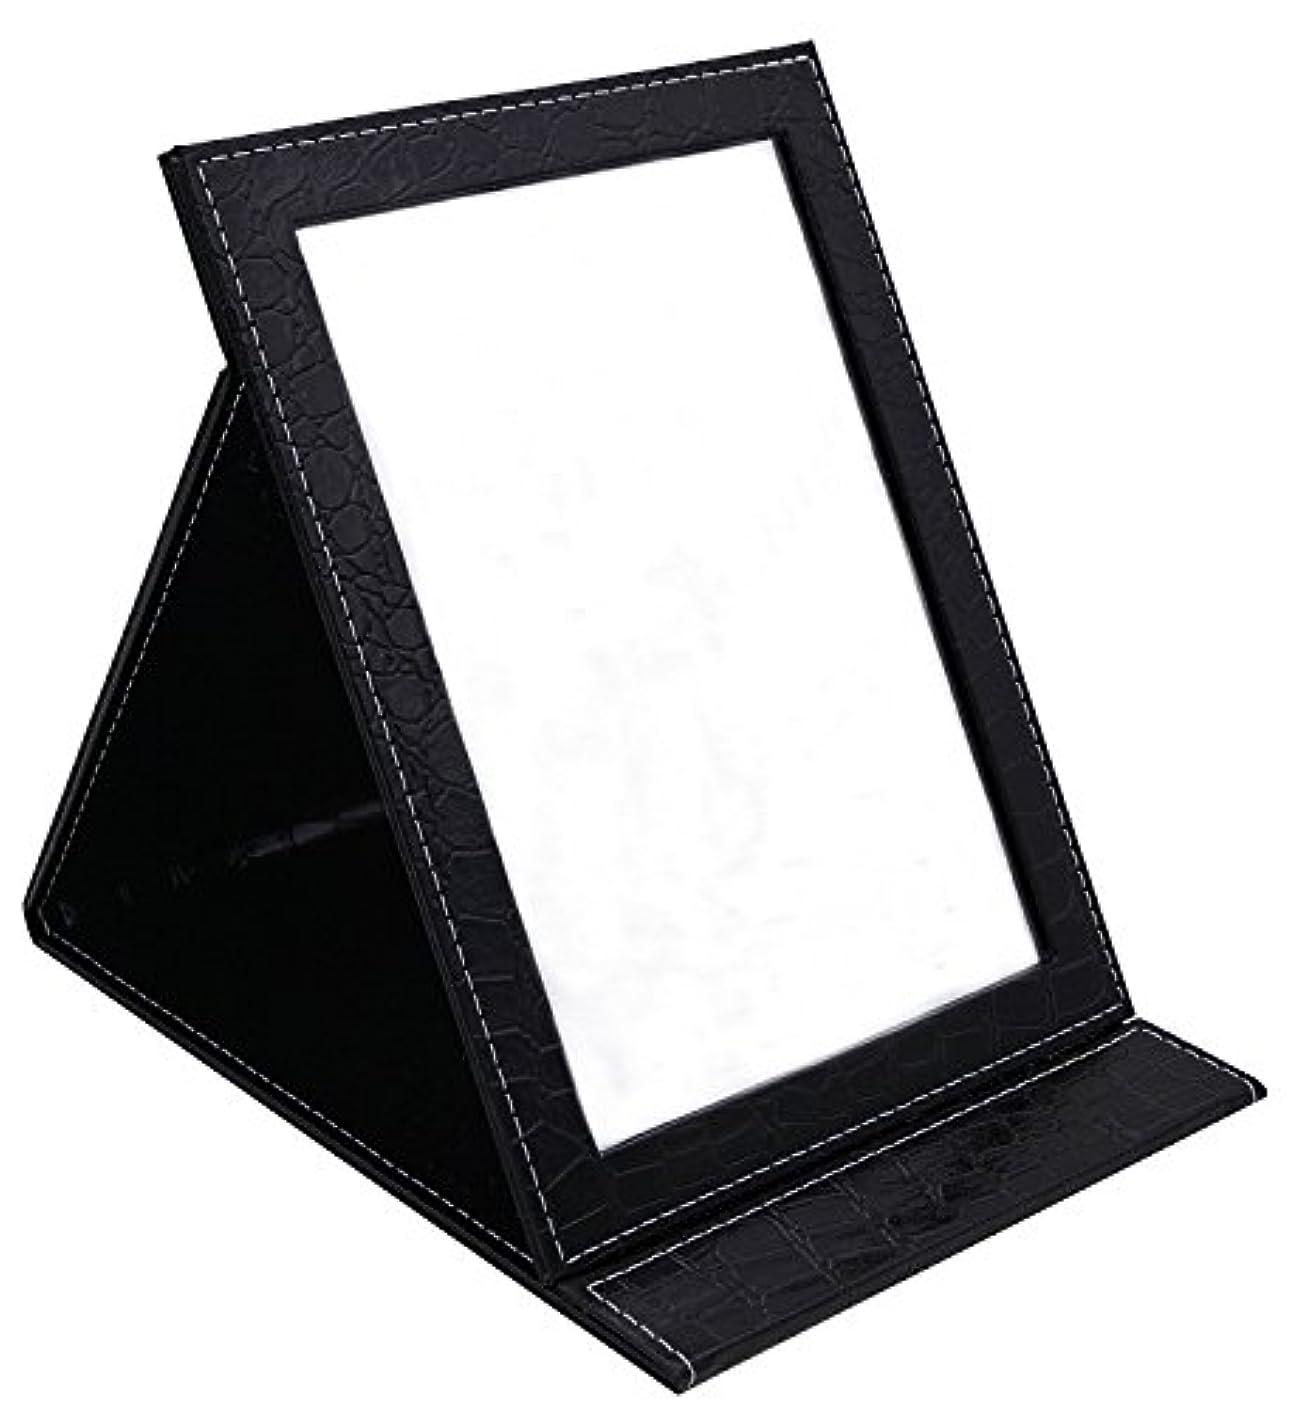 称賛中級過ちHAPPY CY 化粧鏡 折りたたみ式鏡 スタンドミラー 卓上スタンドミラー  携帯 鏡 クロコ柄 プレゼント  上質PUレザー使用